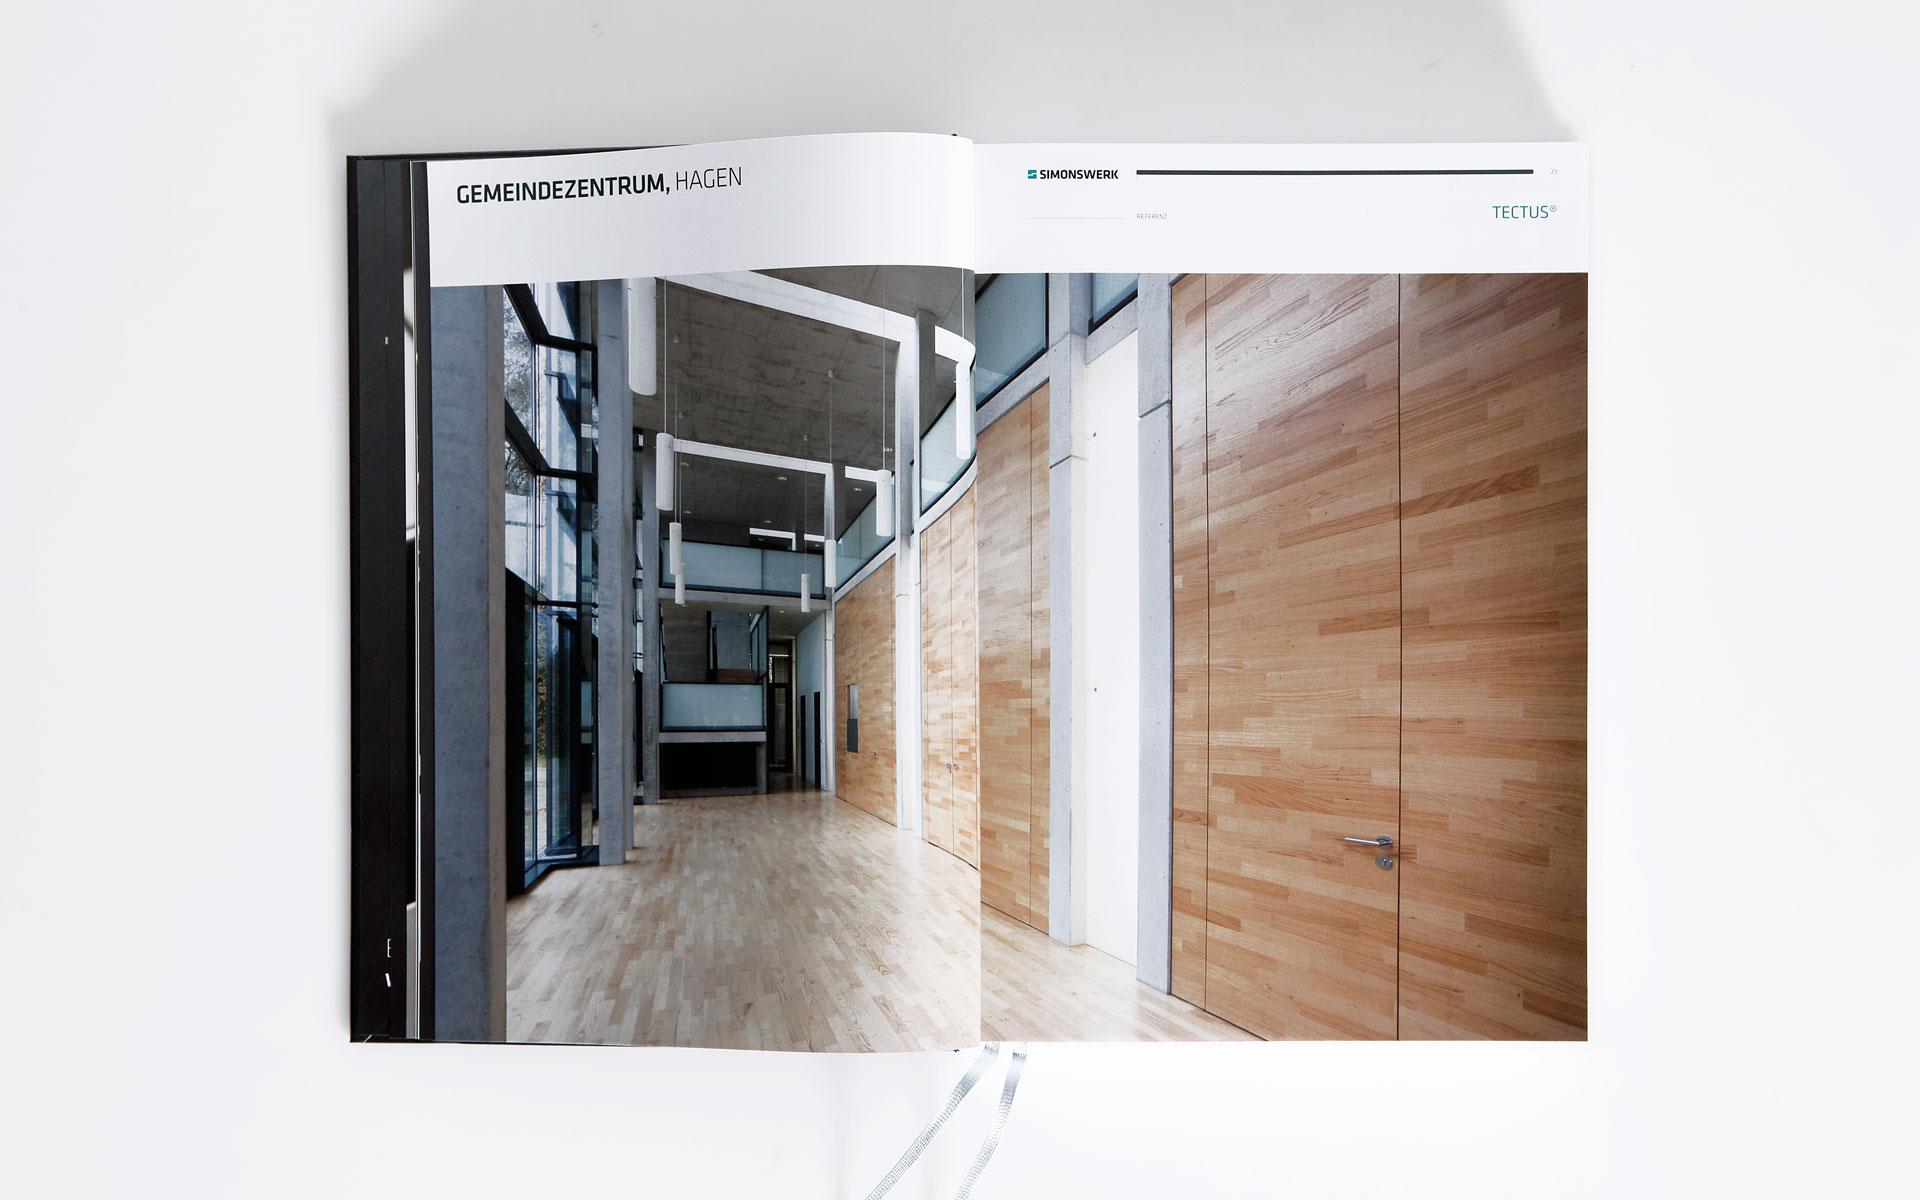 Simonswerk Kompendium 2012, Handbuch, Doppelseite, Casestudy